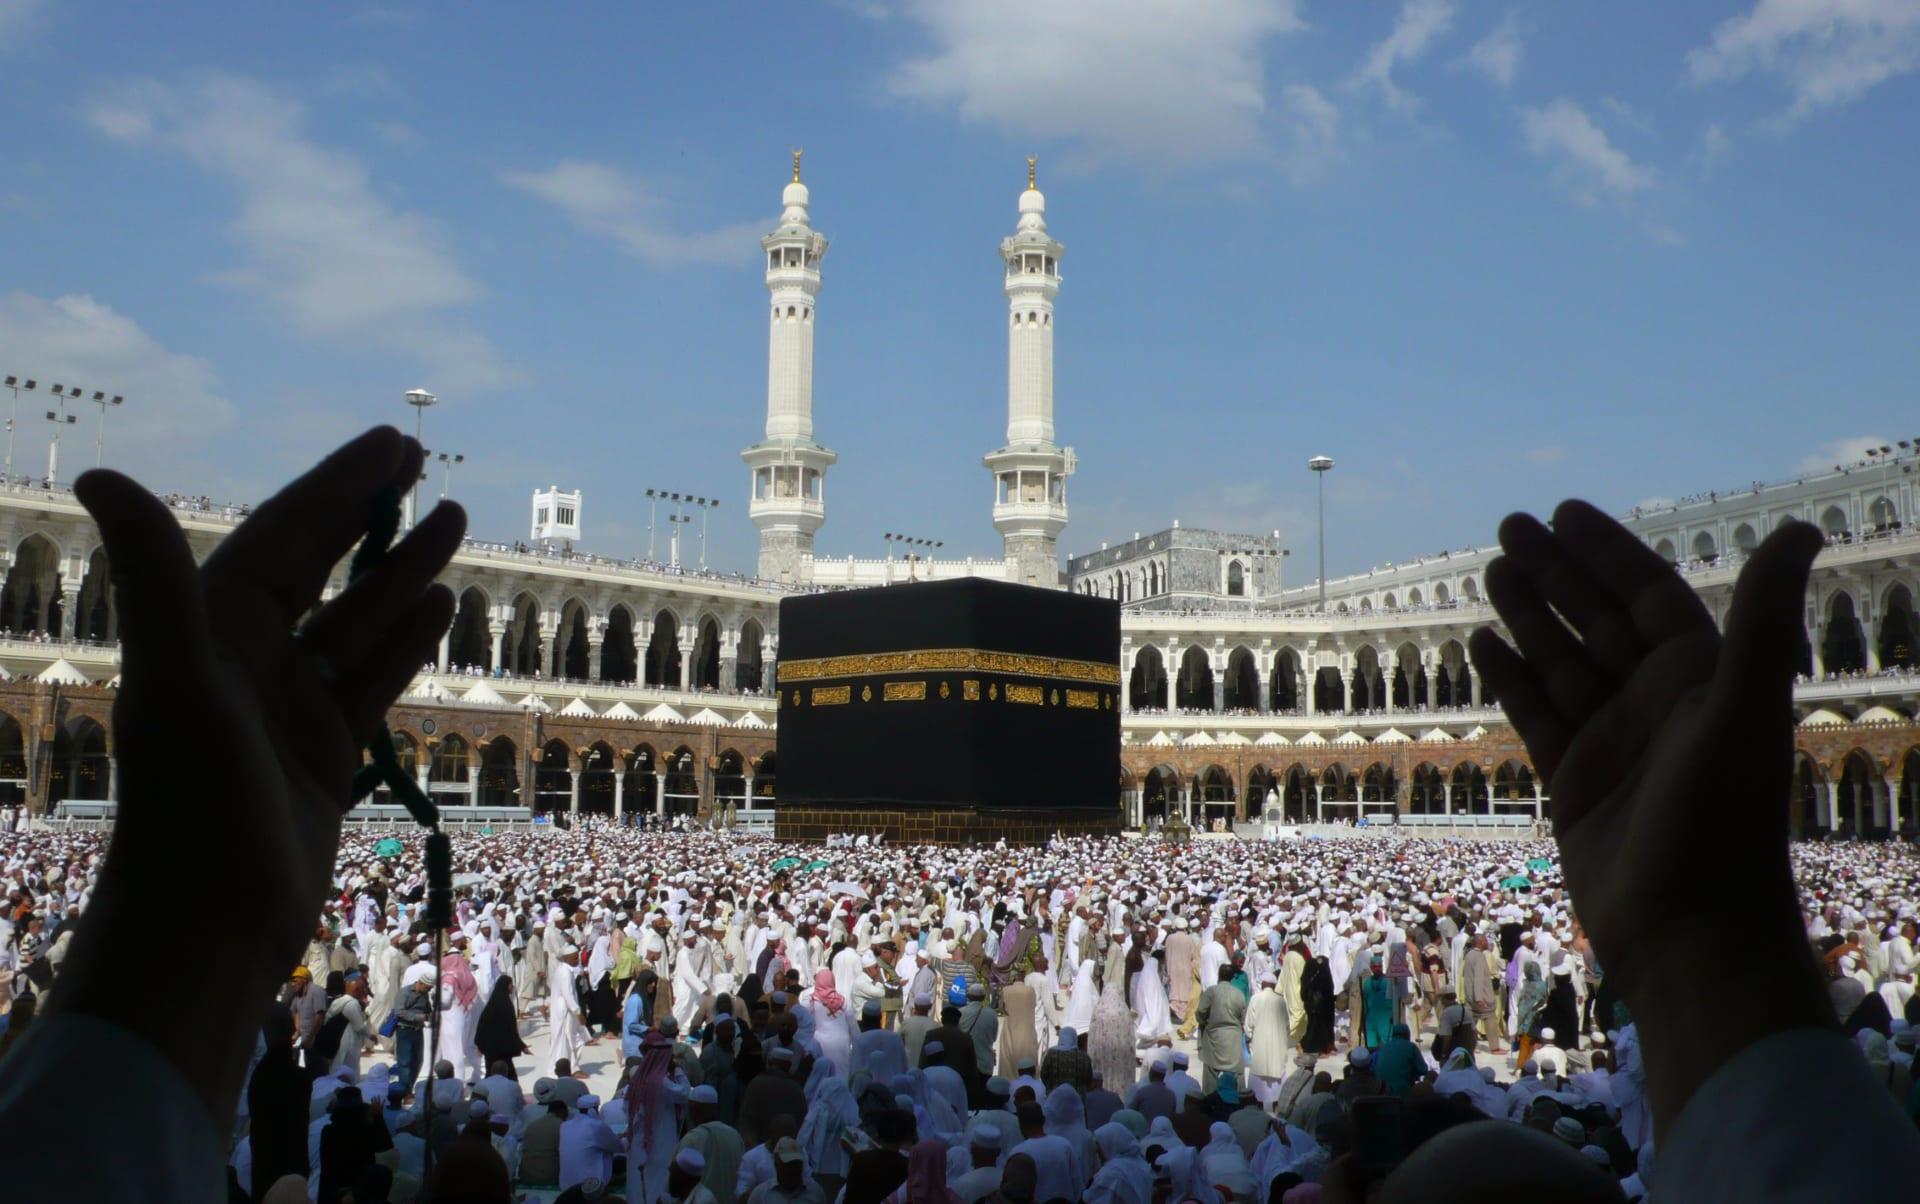 """أفيخاي أدرعي يوجه رسالة للمسلمين بعد """"عودة العمرة"""".. وإمارة مكة تنشر صور تعقيم """"صحن الكعبة"""""""